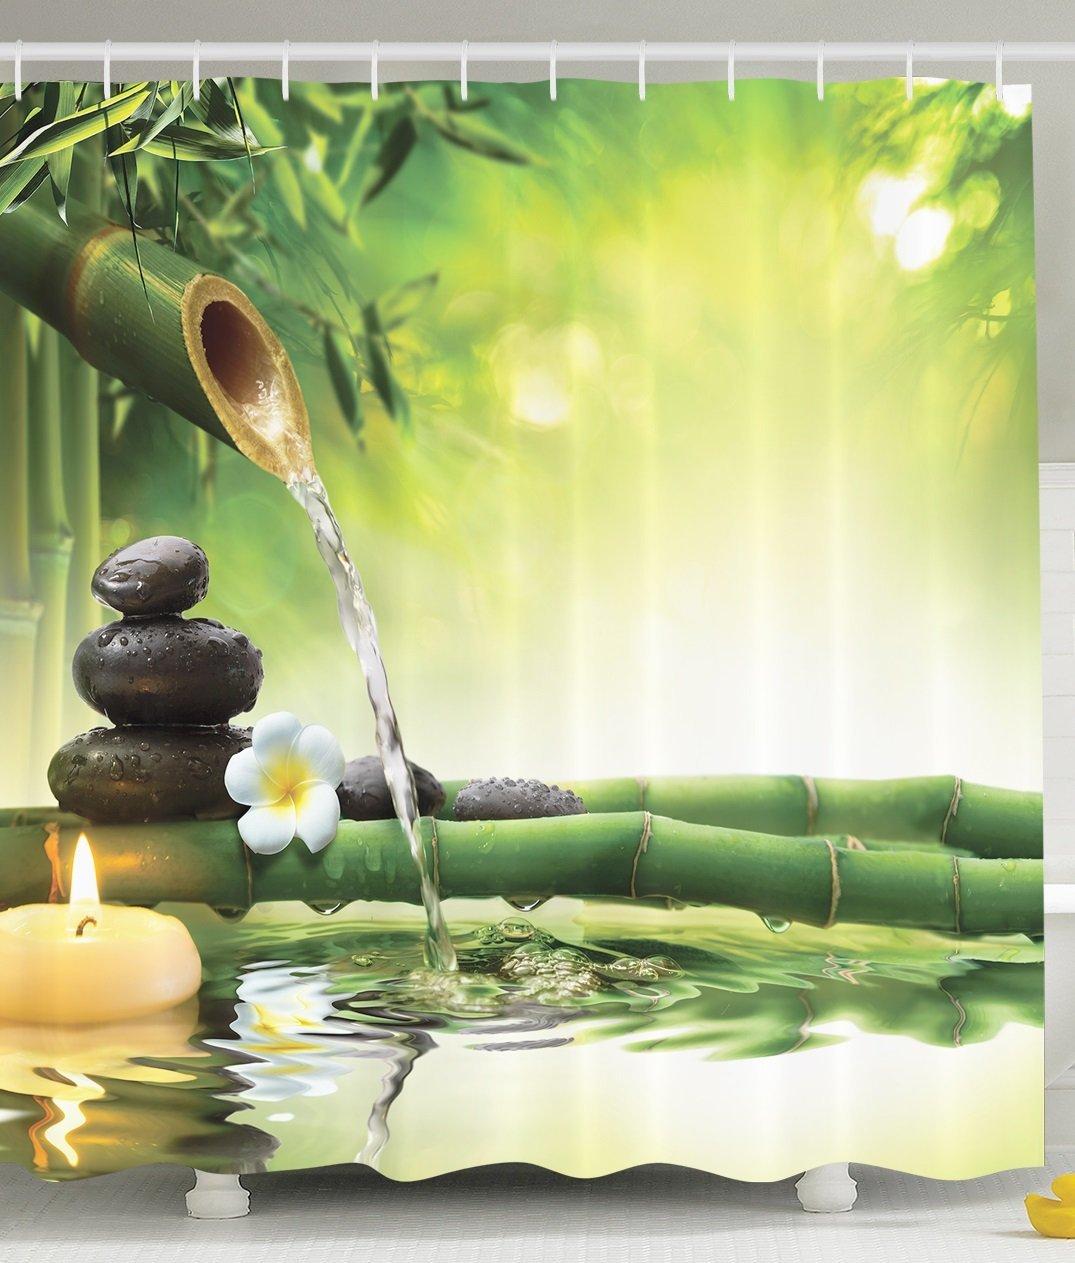 Zen bathroom decorating ideas - Zen Bathroom Decor Reviews Online Shopping Zen Bathroom Decor